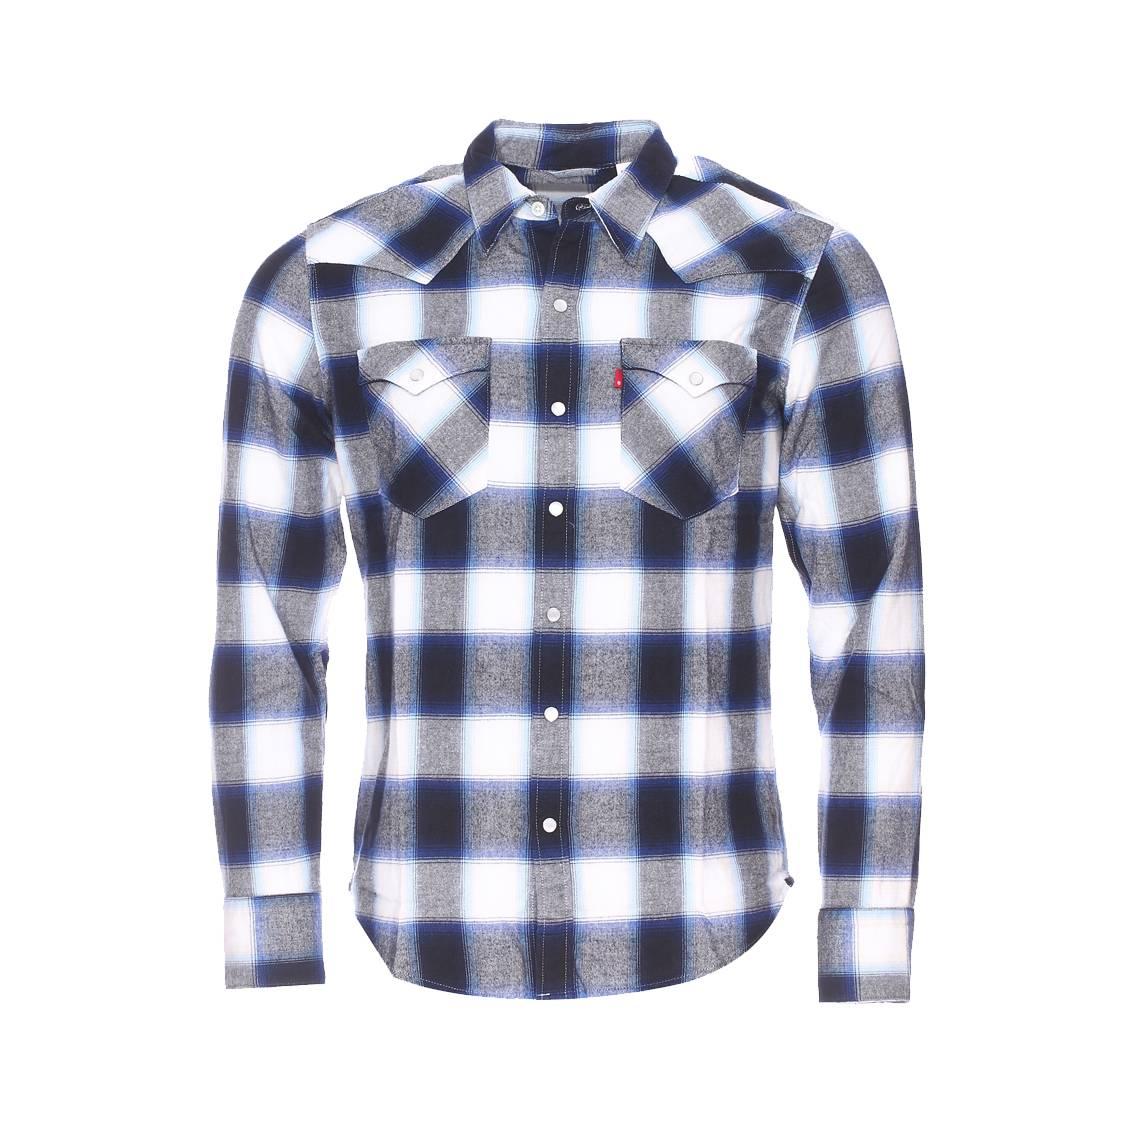 chemise levis carreaux bleu marine blancs et gris style western rue des hommes. Black Bedroom Furniture Sets. Home Design Ideas